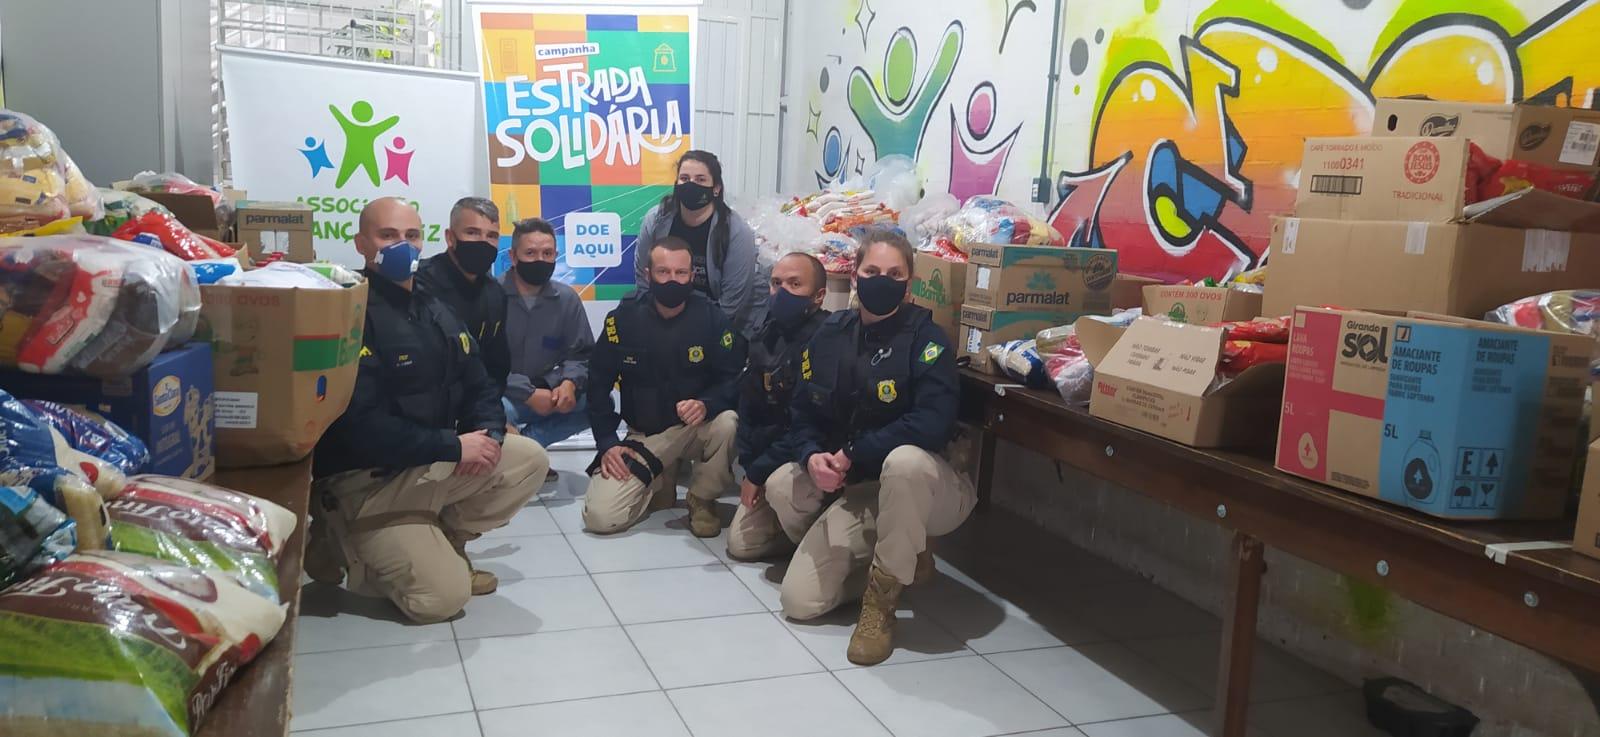 PRF de Caxias do Sul entrega mantimentos arrecadados na campanha Estrada Solidária